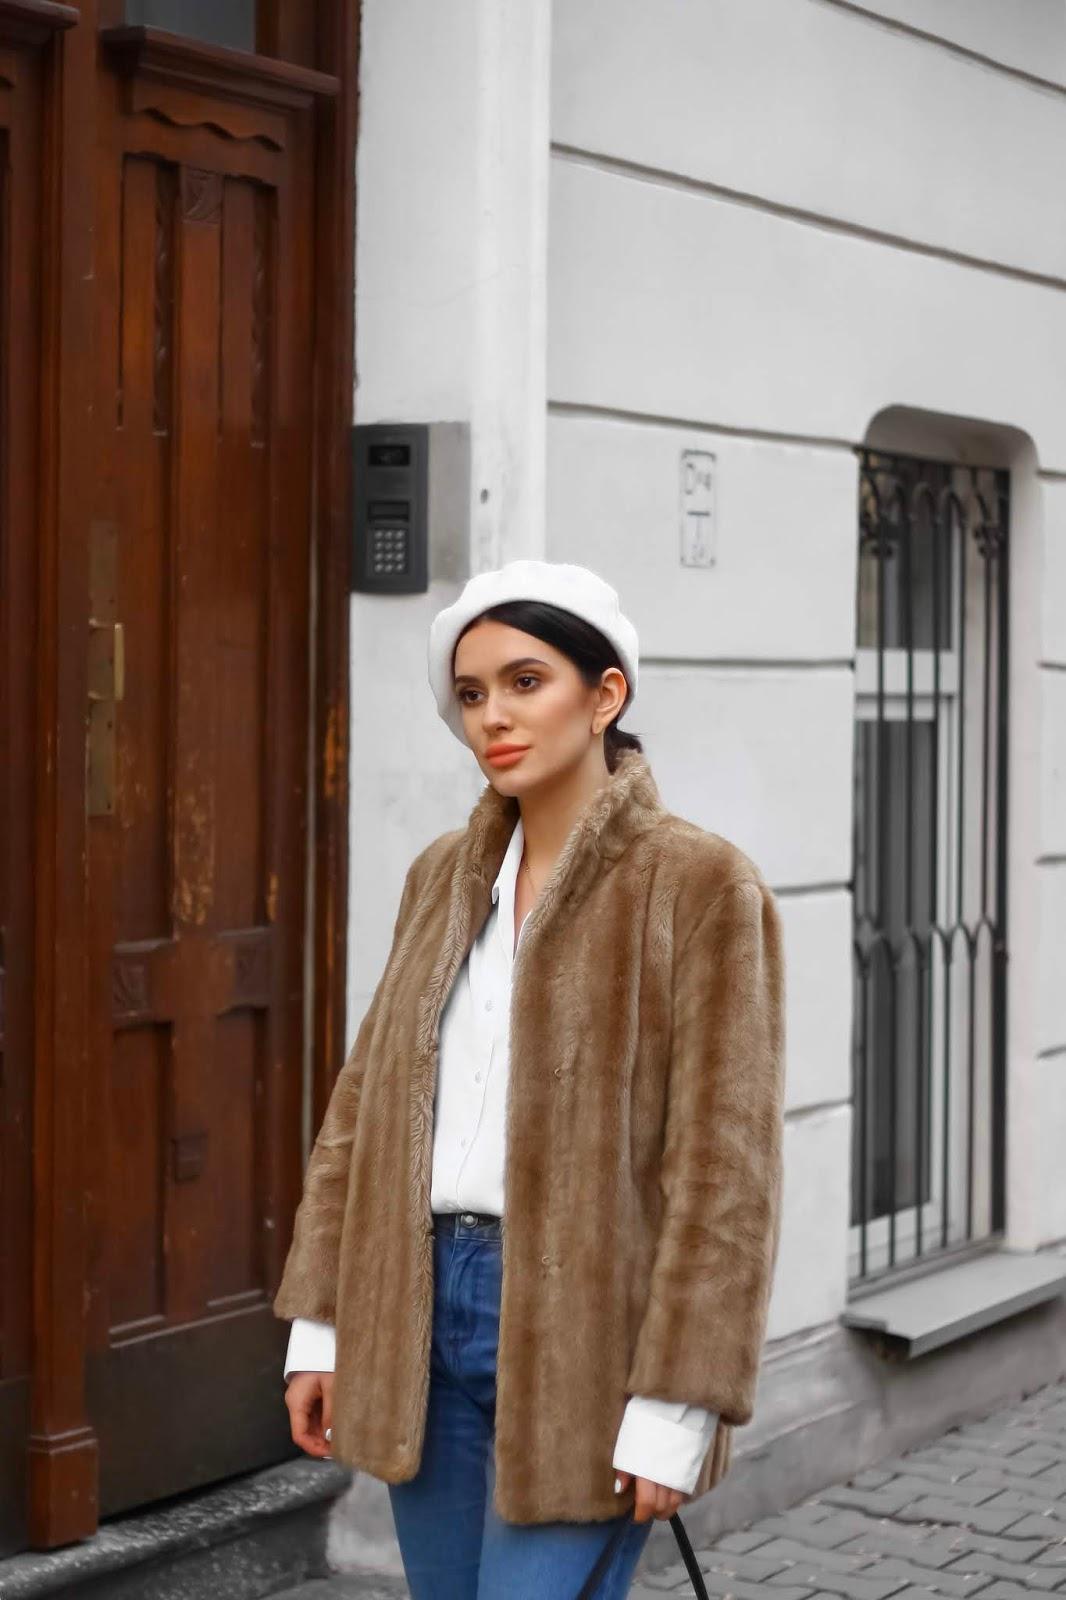 biały beret stylizacja, jak nosić beret, francuski szyk